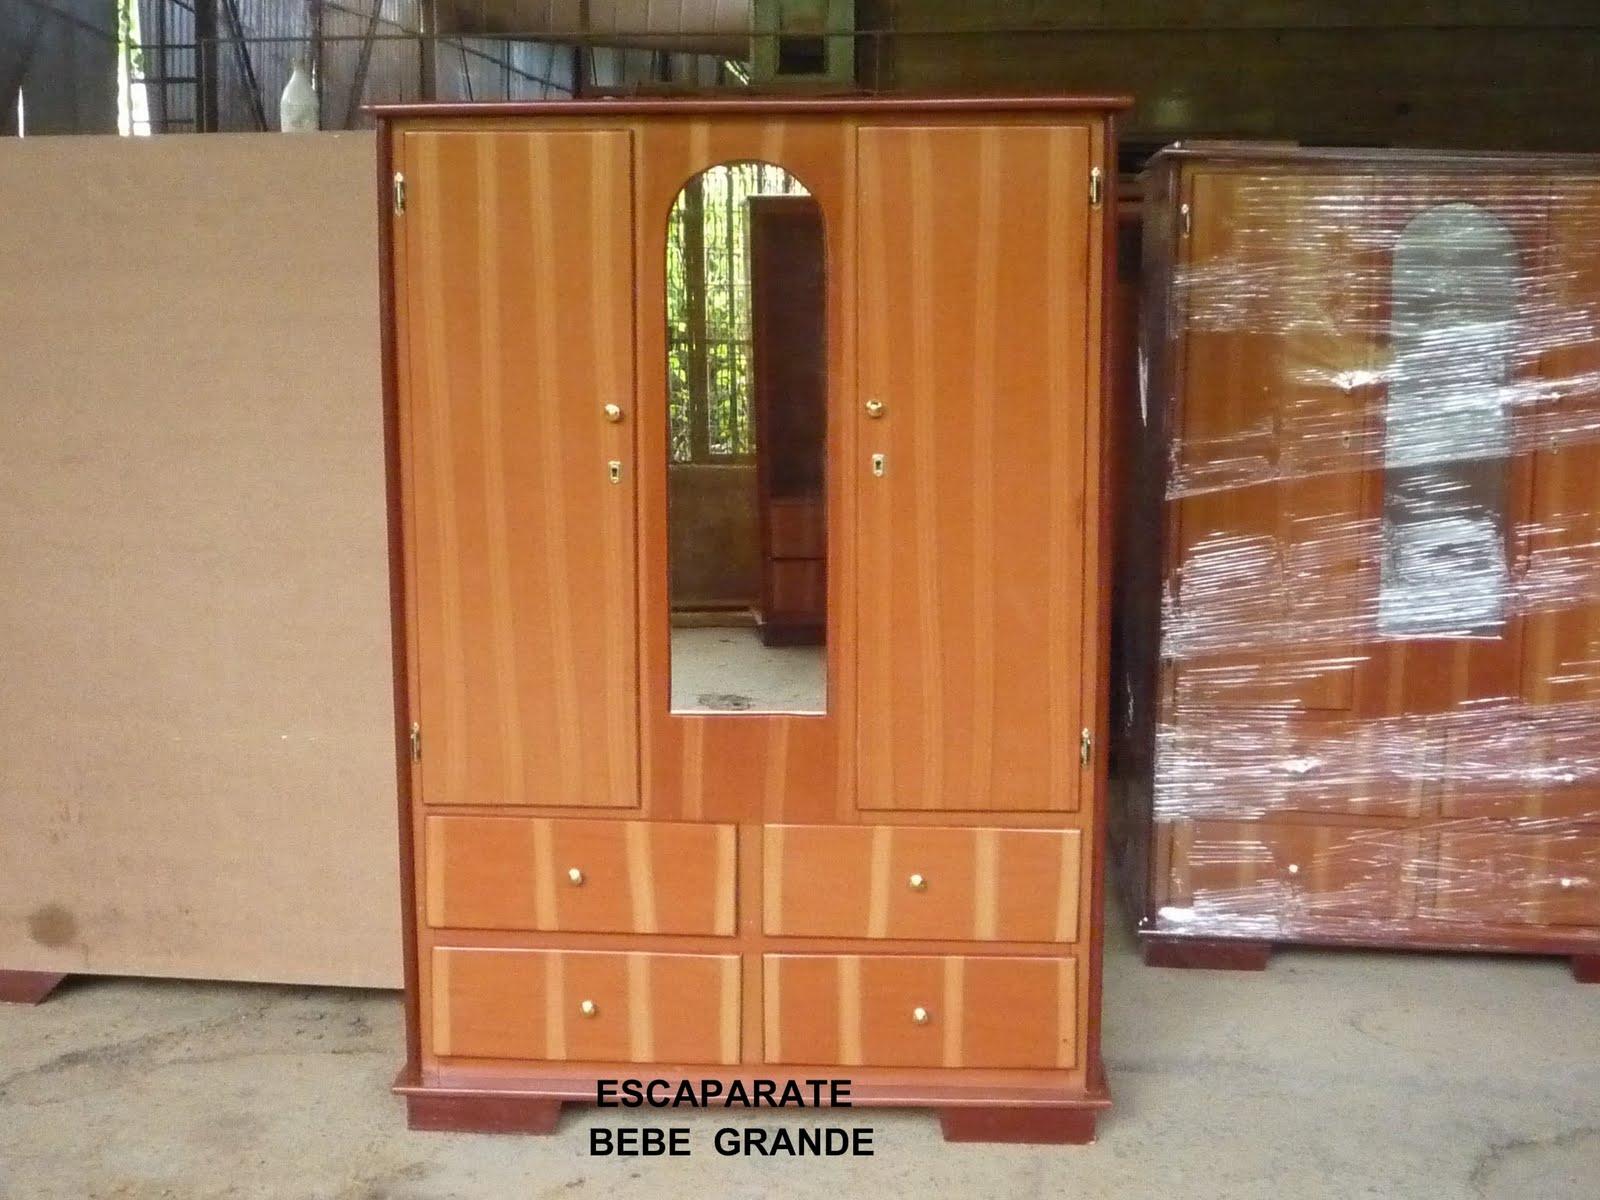 Fabrica de muebles de pino y mdf de inversiones jk 96 c a for Muebles para escaparates